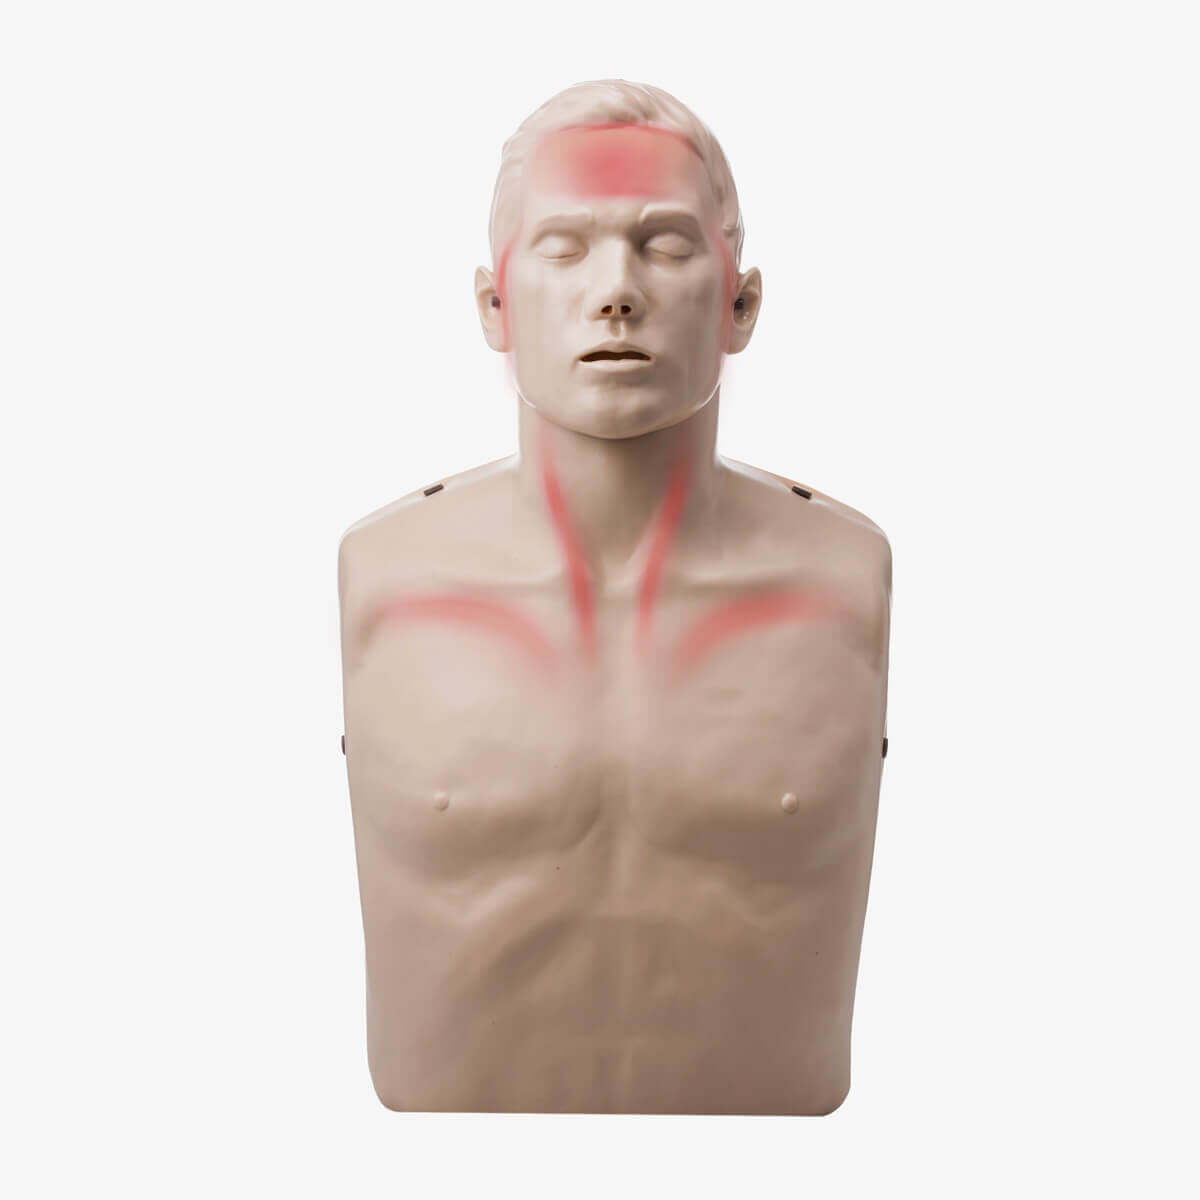 Brayden Übungspuppe für die Herz-Lungen-Wiederbelebung mit LED-Visualisierung der Blutzirkulation